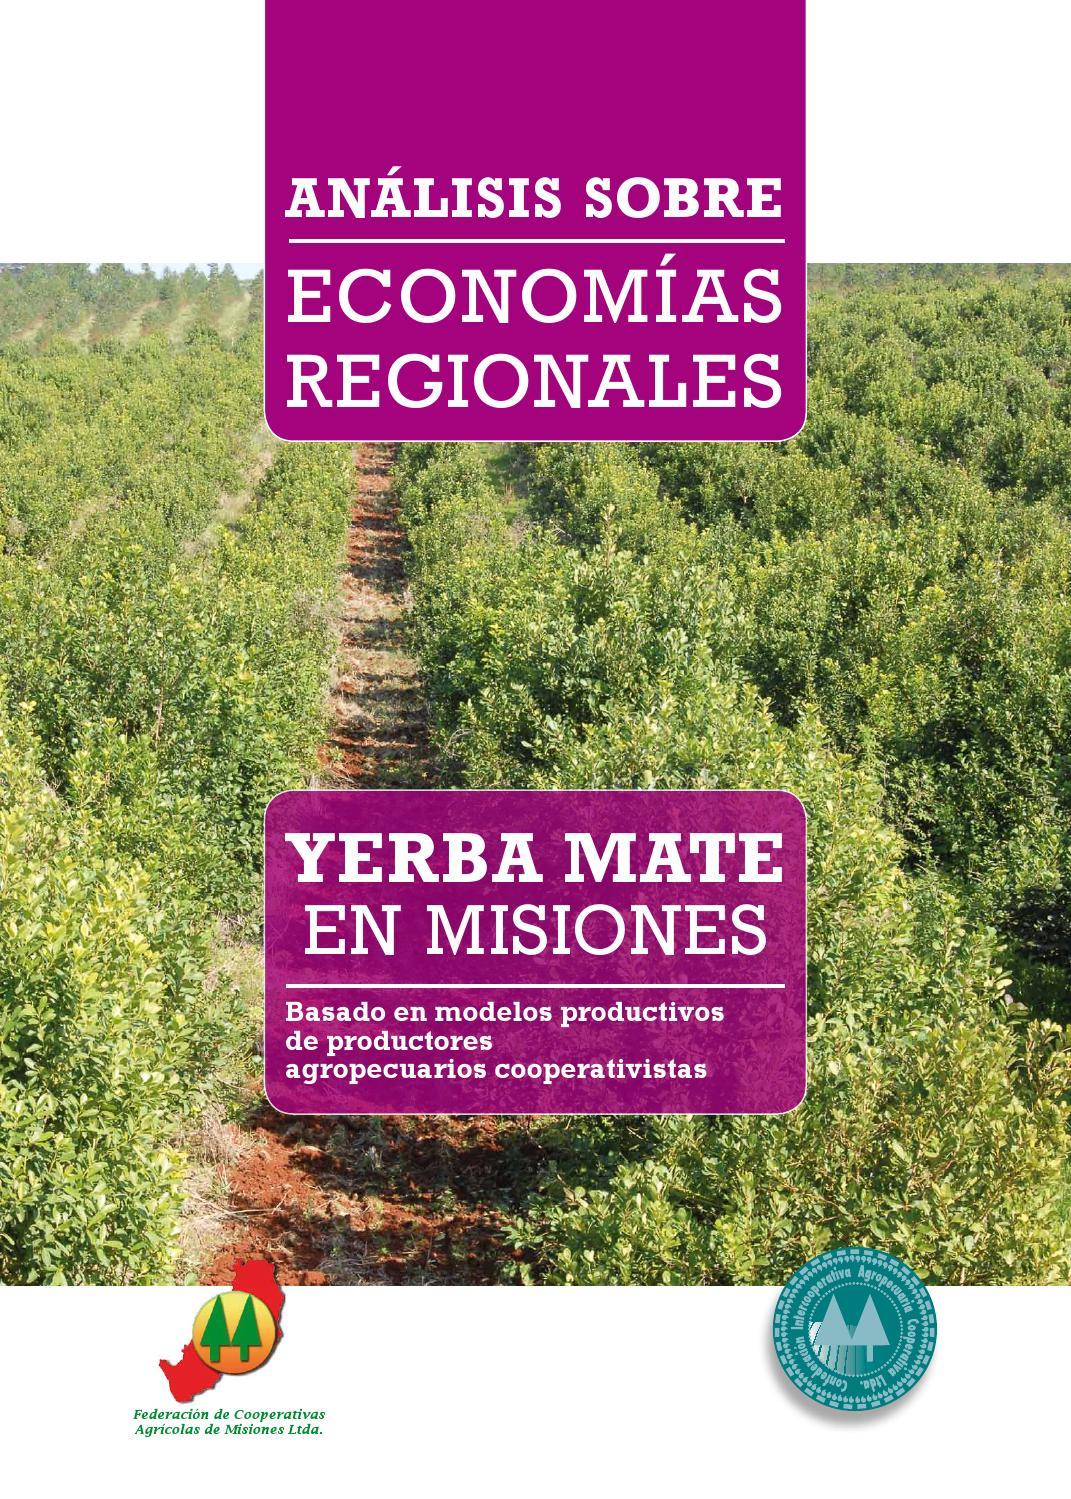 Circuito Yerba Mate : Análisis sobre economias regionales yerba mate en misiones by